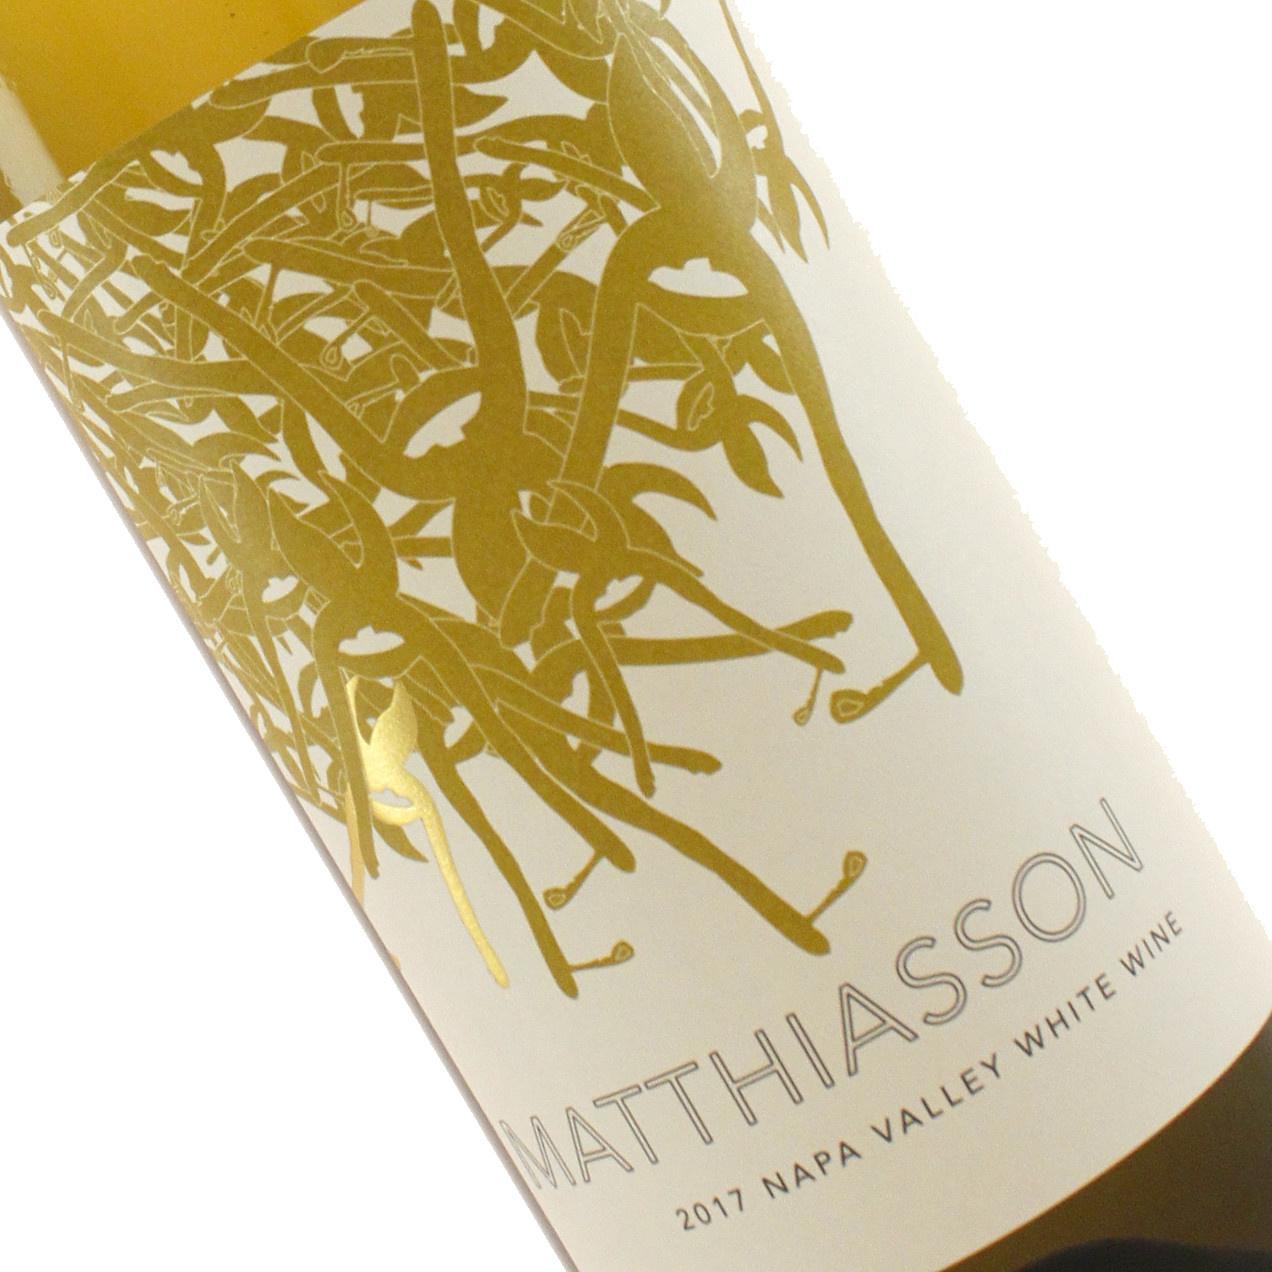 Matthiasson 2017 White Wine Napa Valley